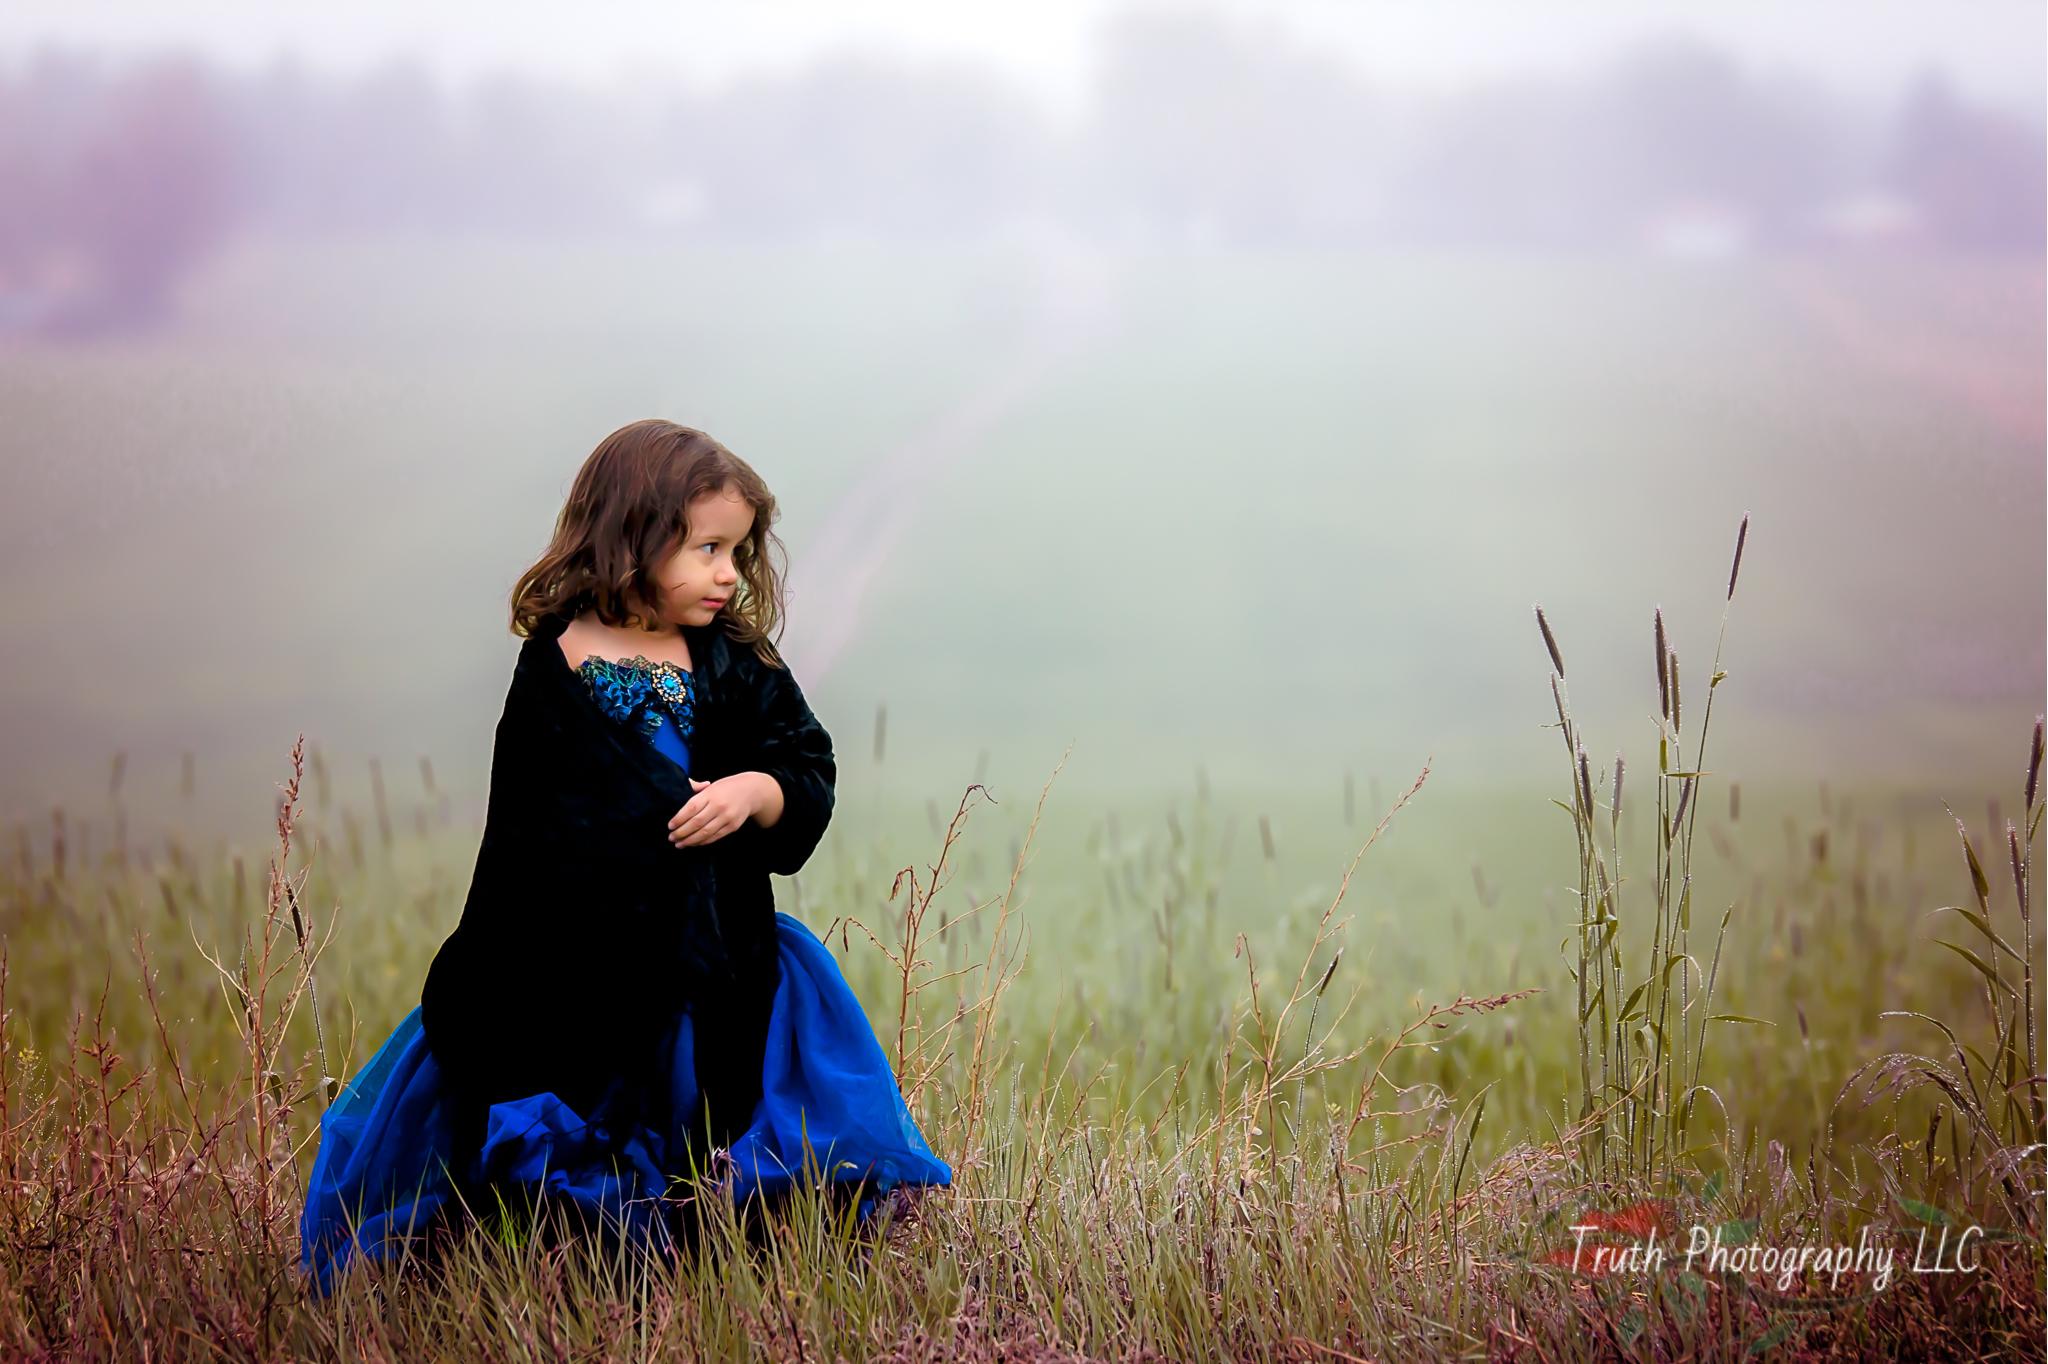 Fine-art-childrens-photographer-in-denver.jpg